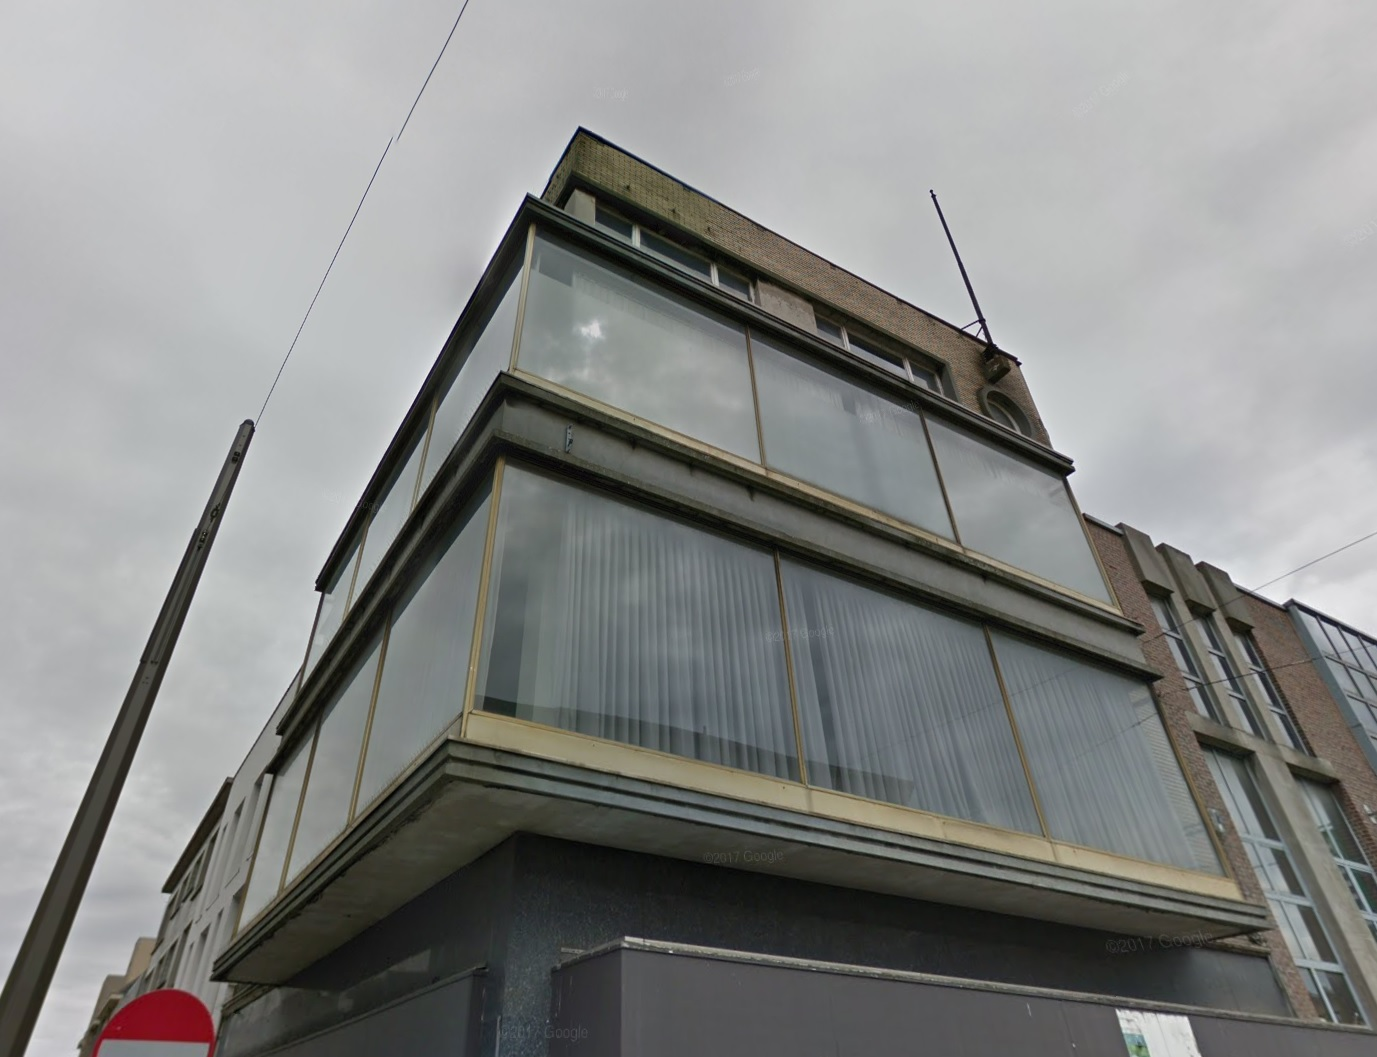 Bredabaan 446, Antwerpen